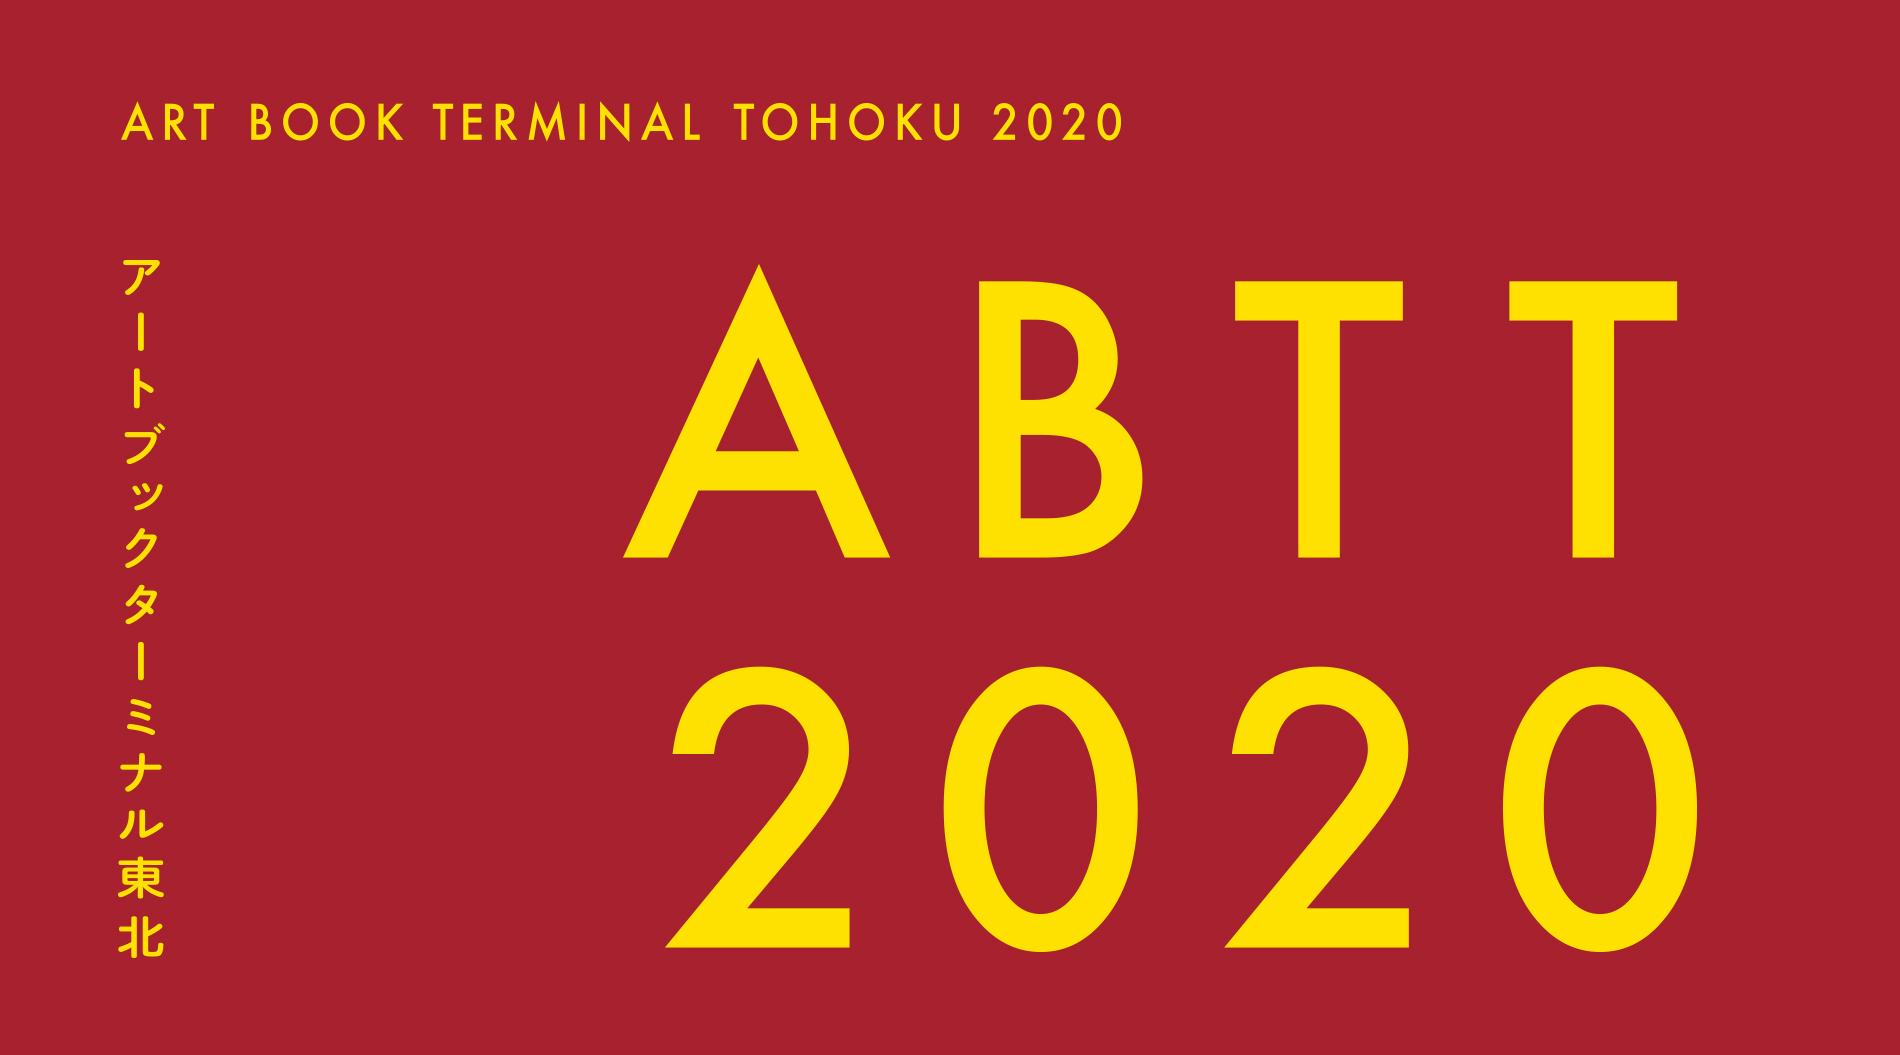 ART BOOK TERMINAL TOHOKU 2020